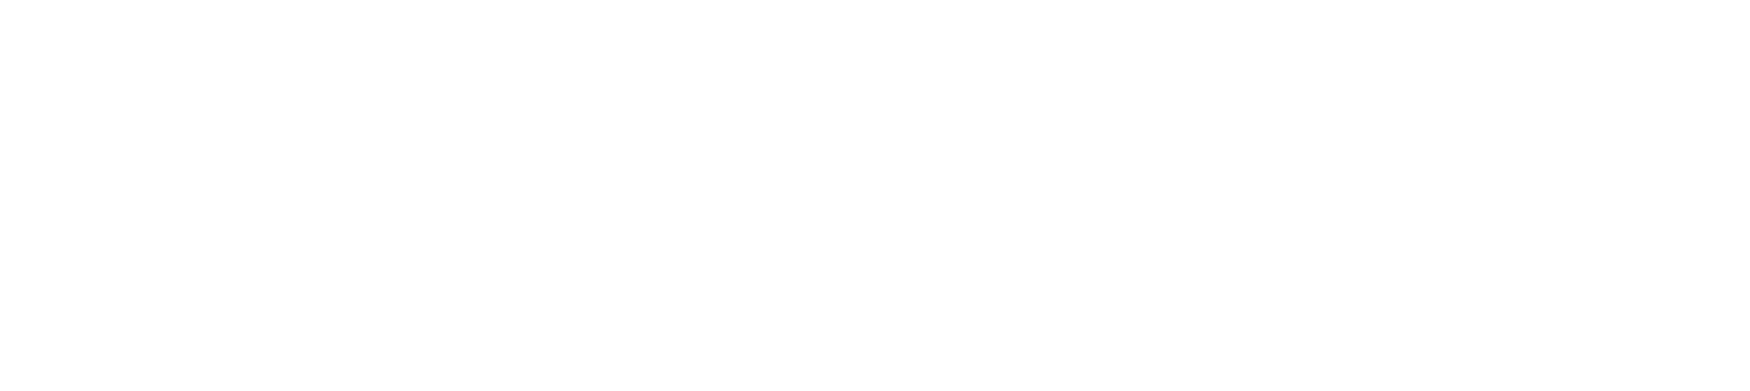 FuelTheFerrari Logo